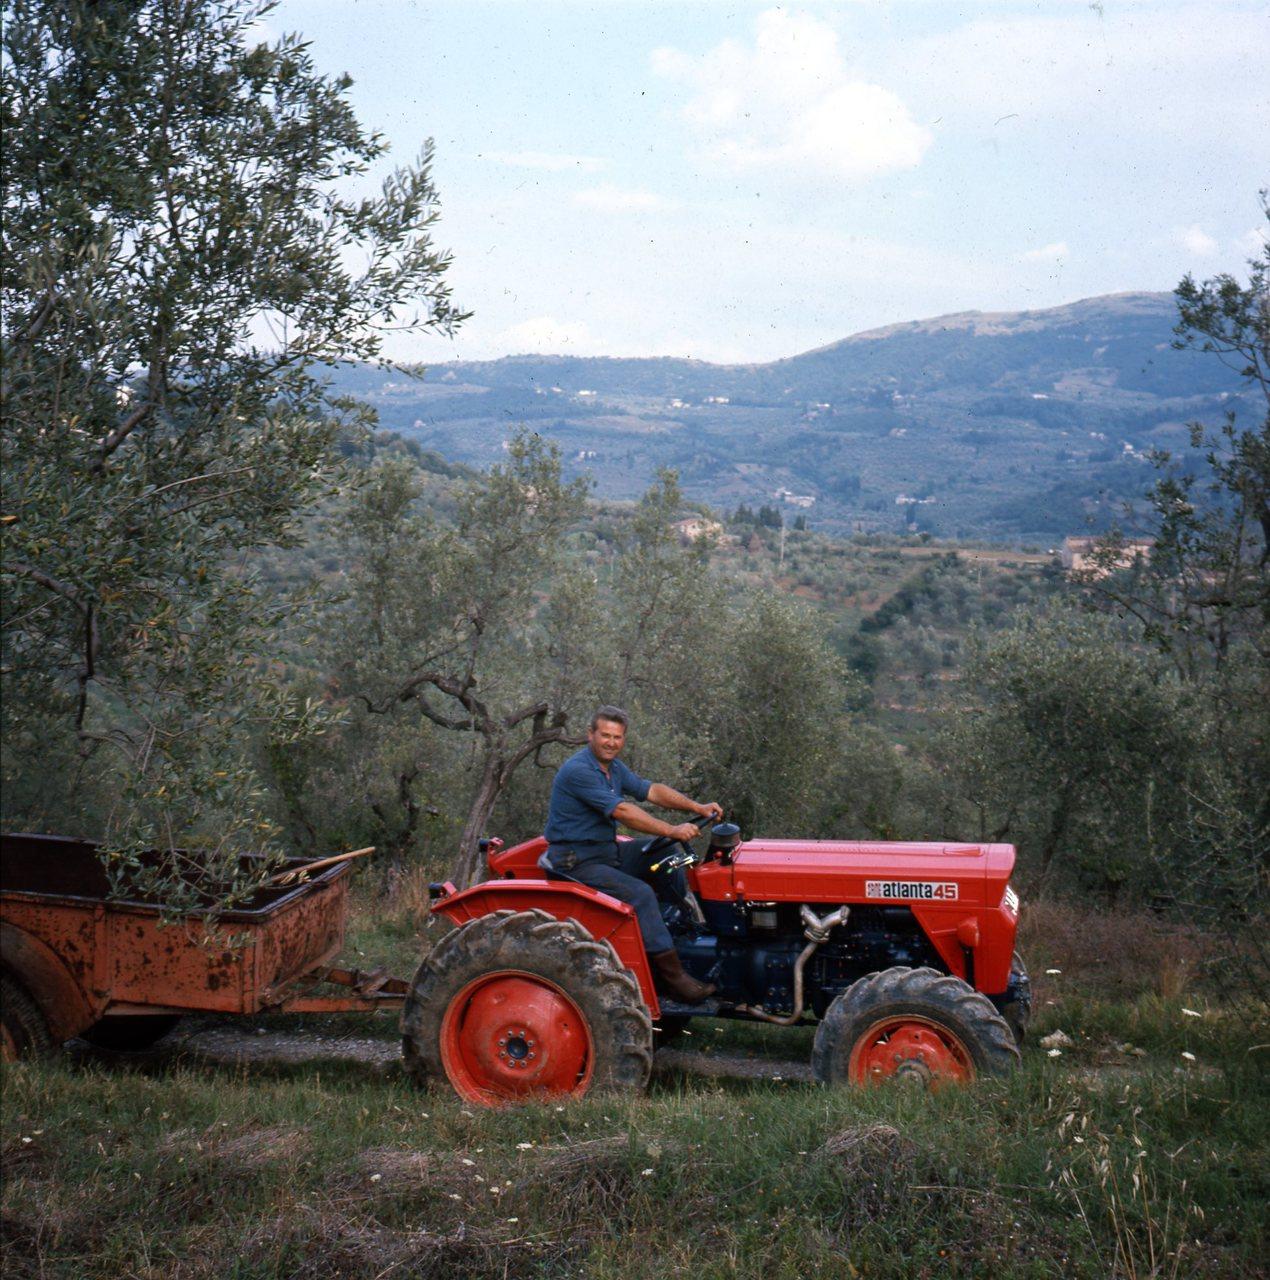 [SAME] Atlanta 45 in Toscana